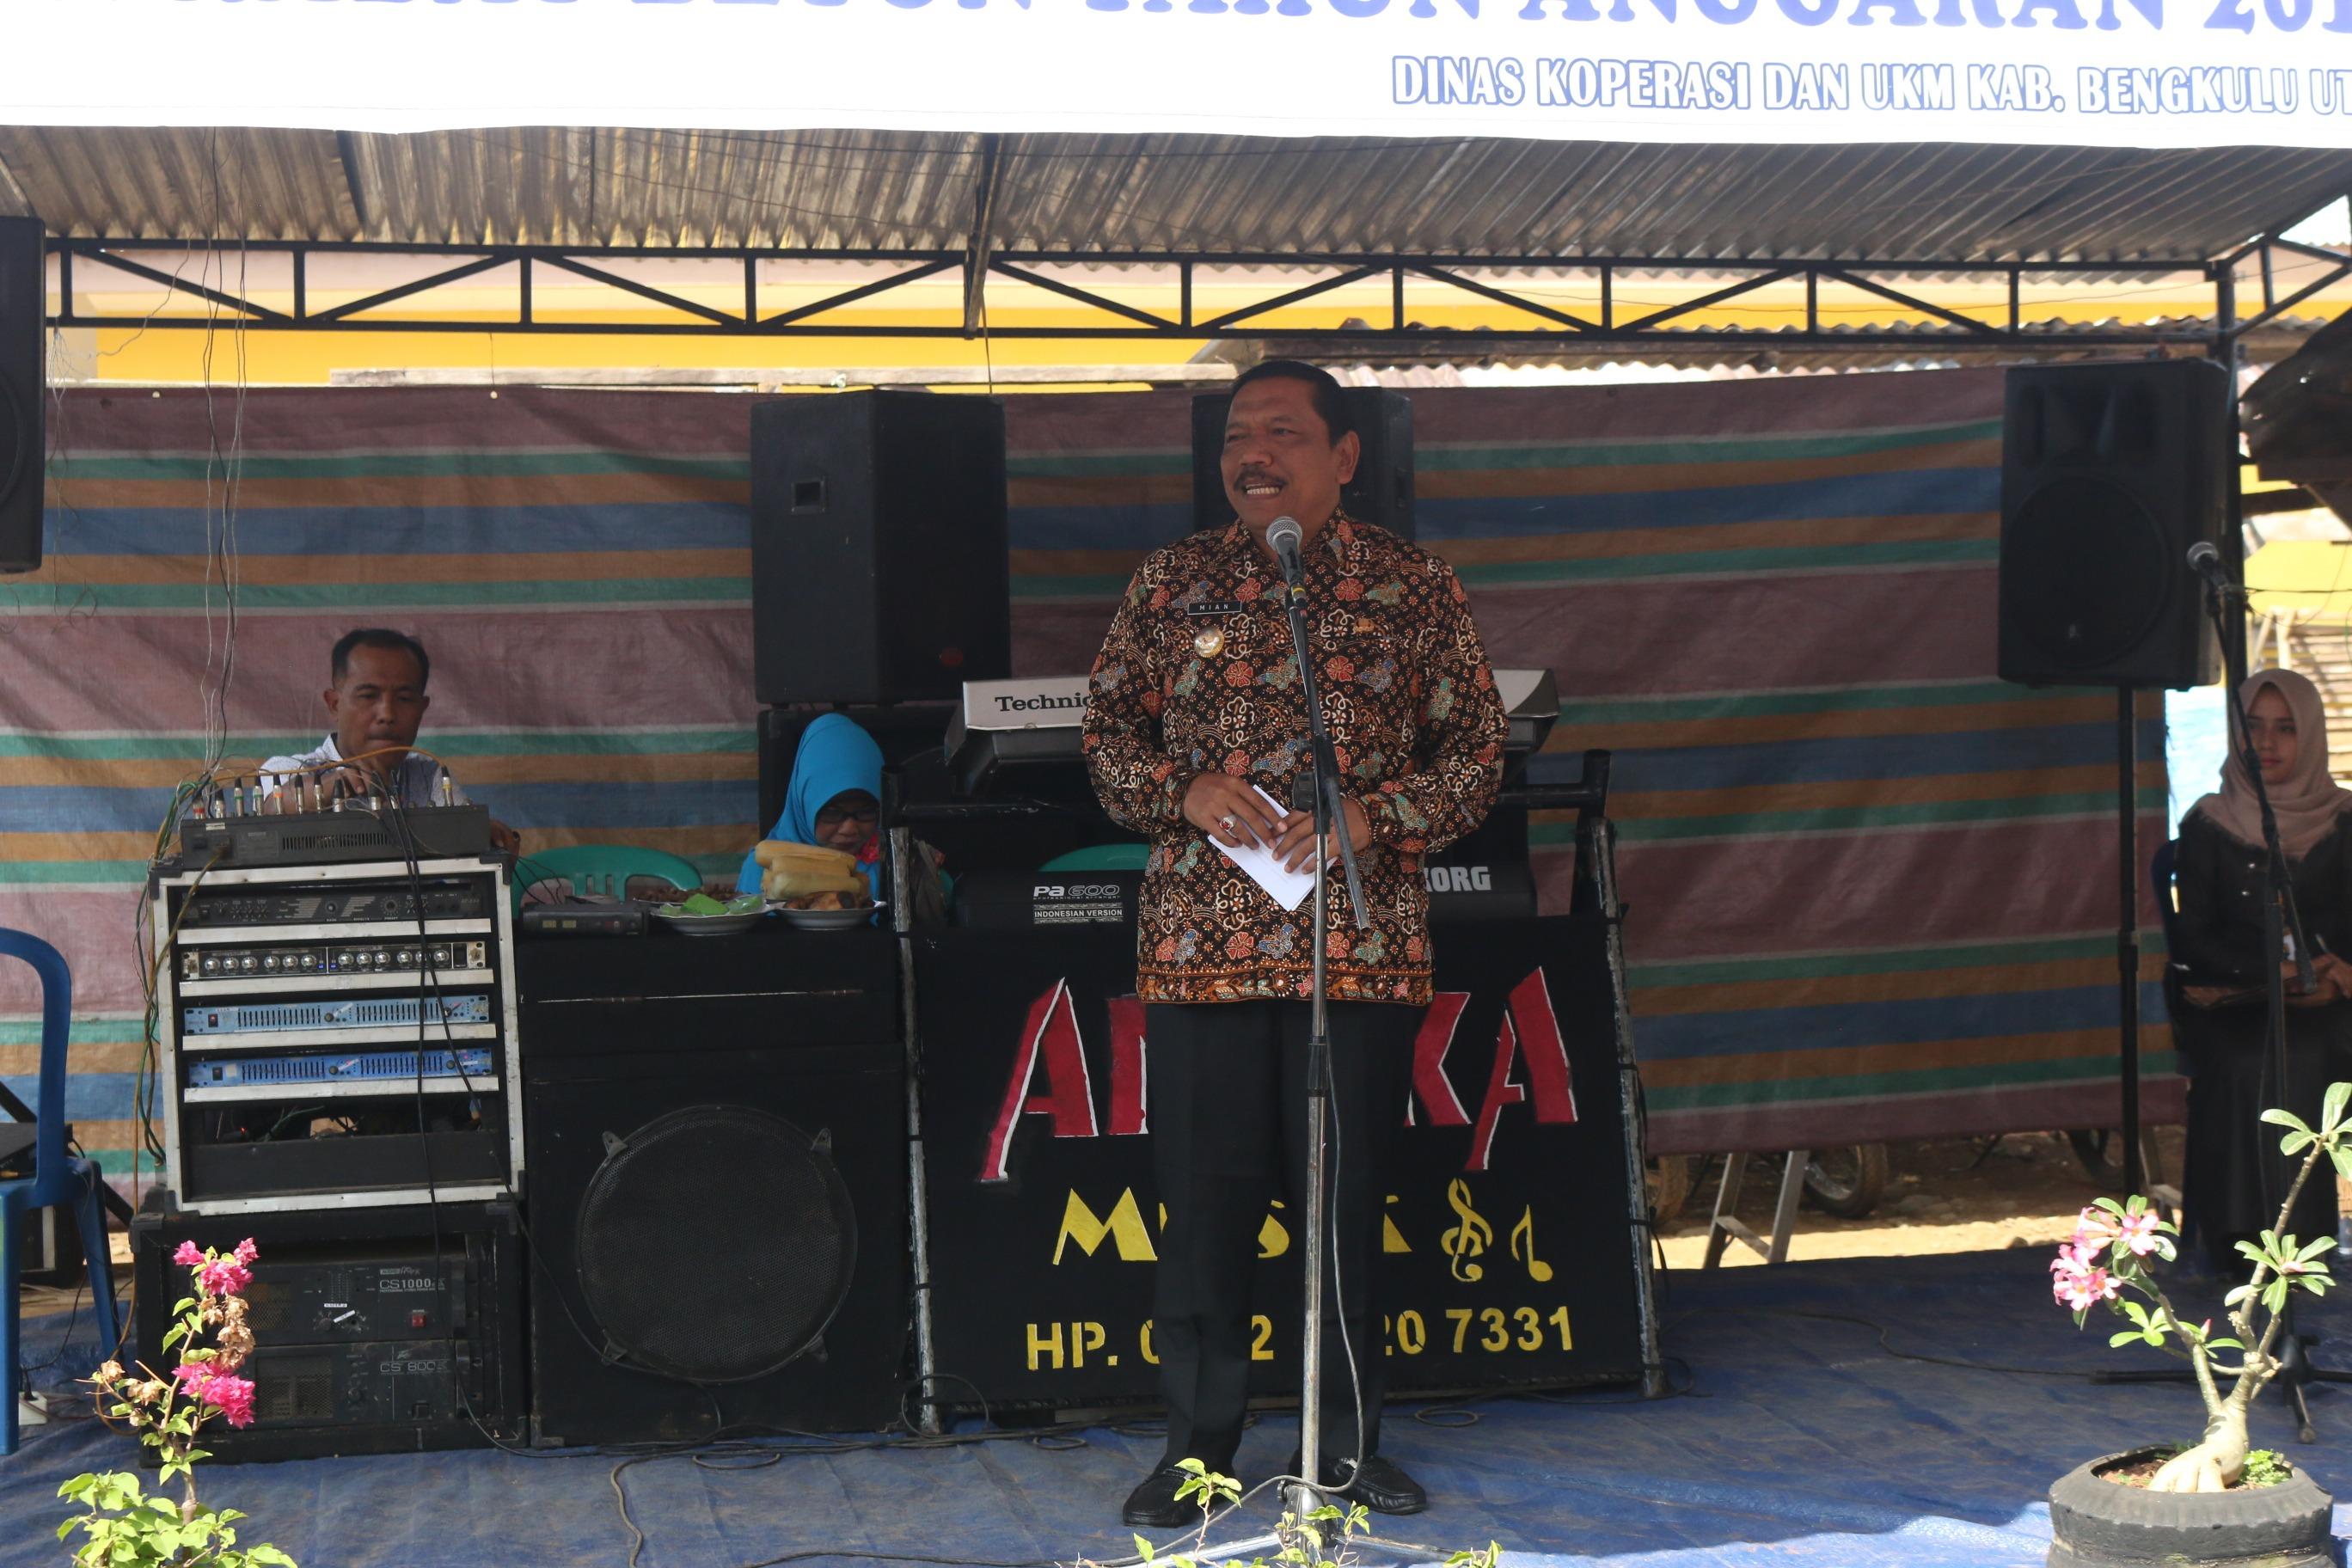 Bupati Bengkulu Utara Meresmikan Pasar Revitalisasi Pasar Rakyat dan Jalan Rabat Beton di Desa Margasakti Padang Jaya